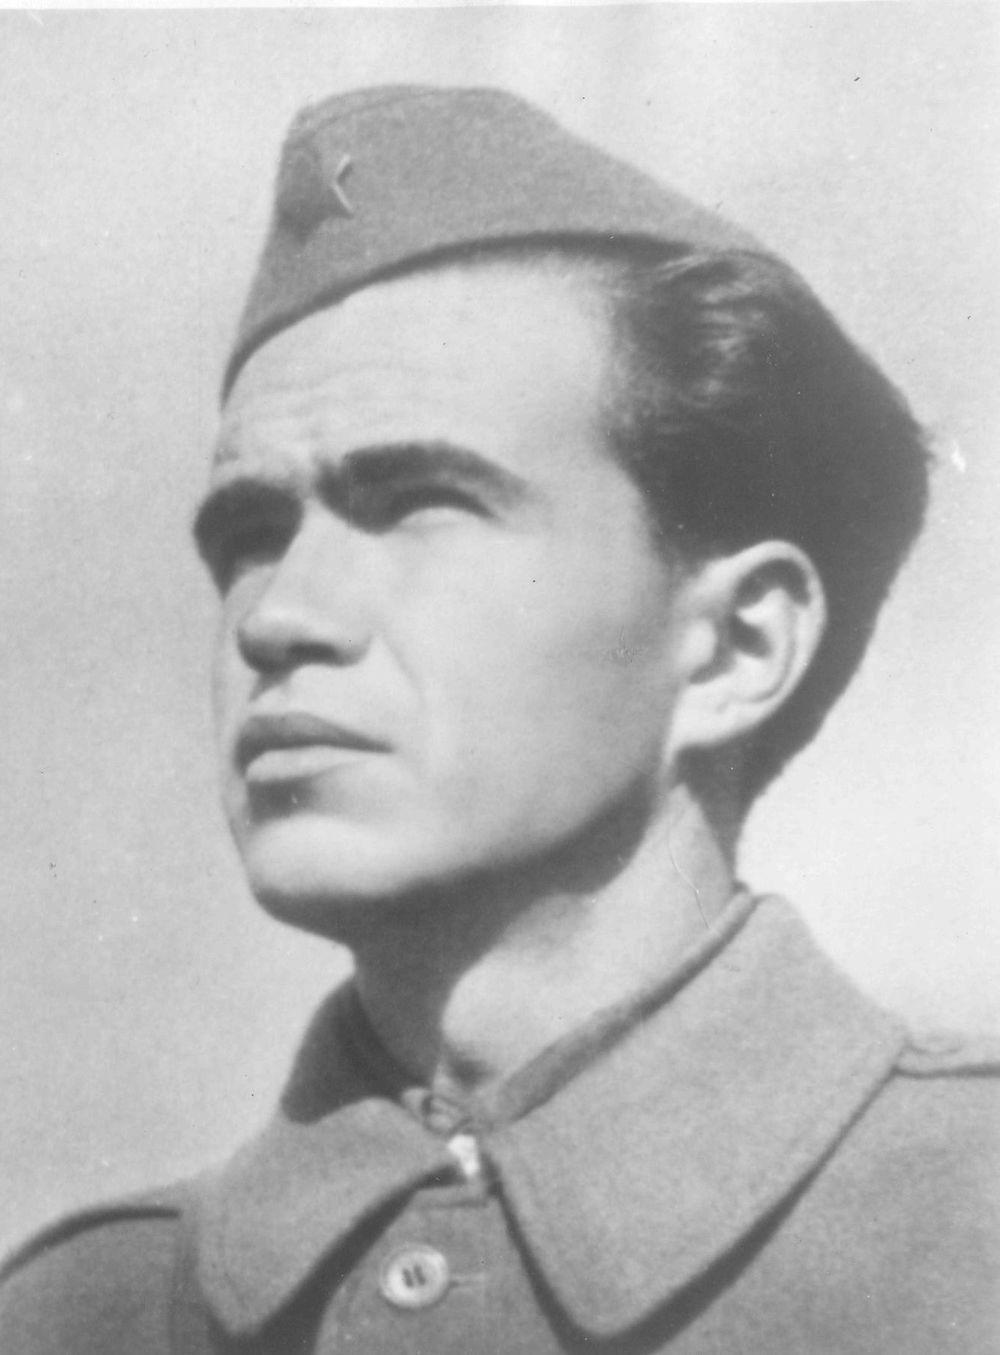 Ivo Lole Ribar